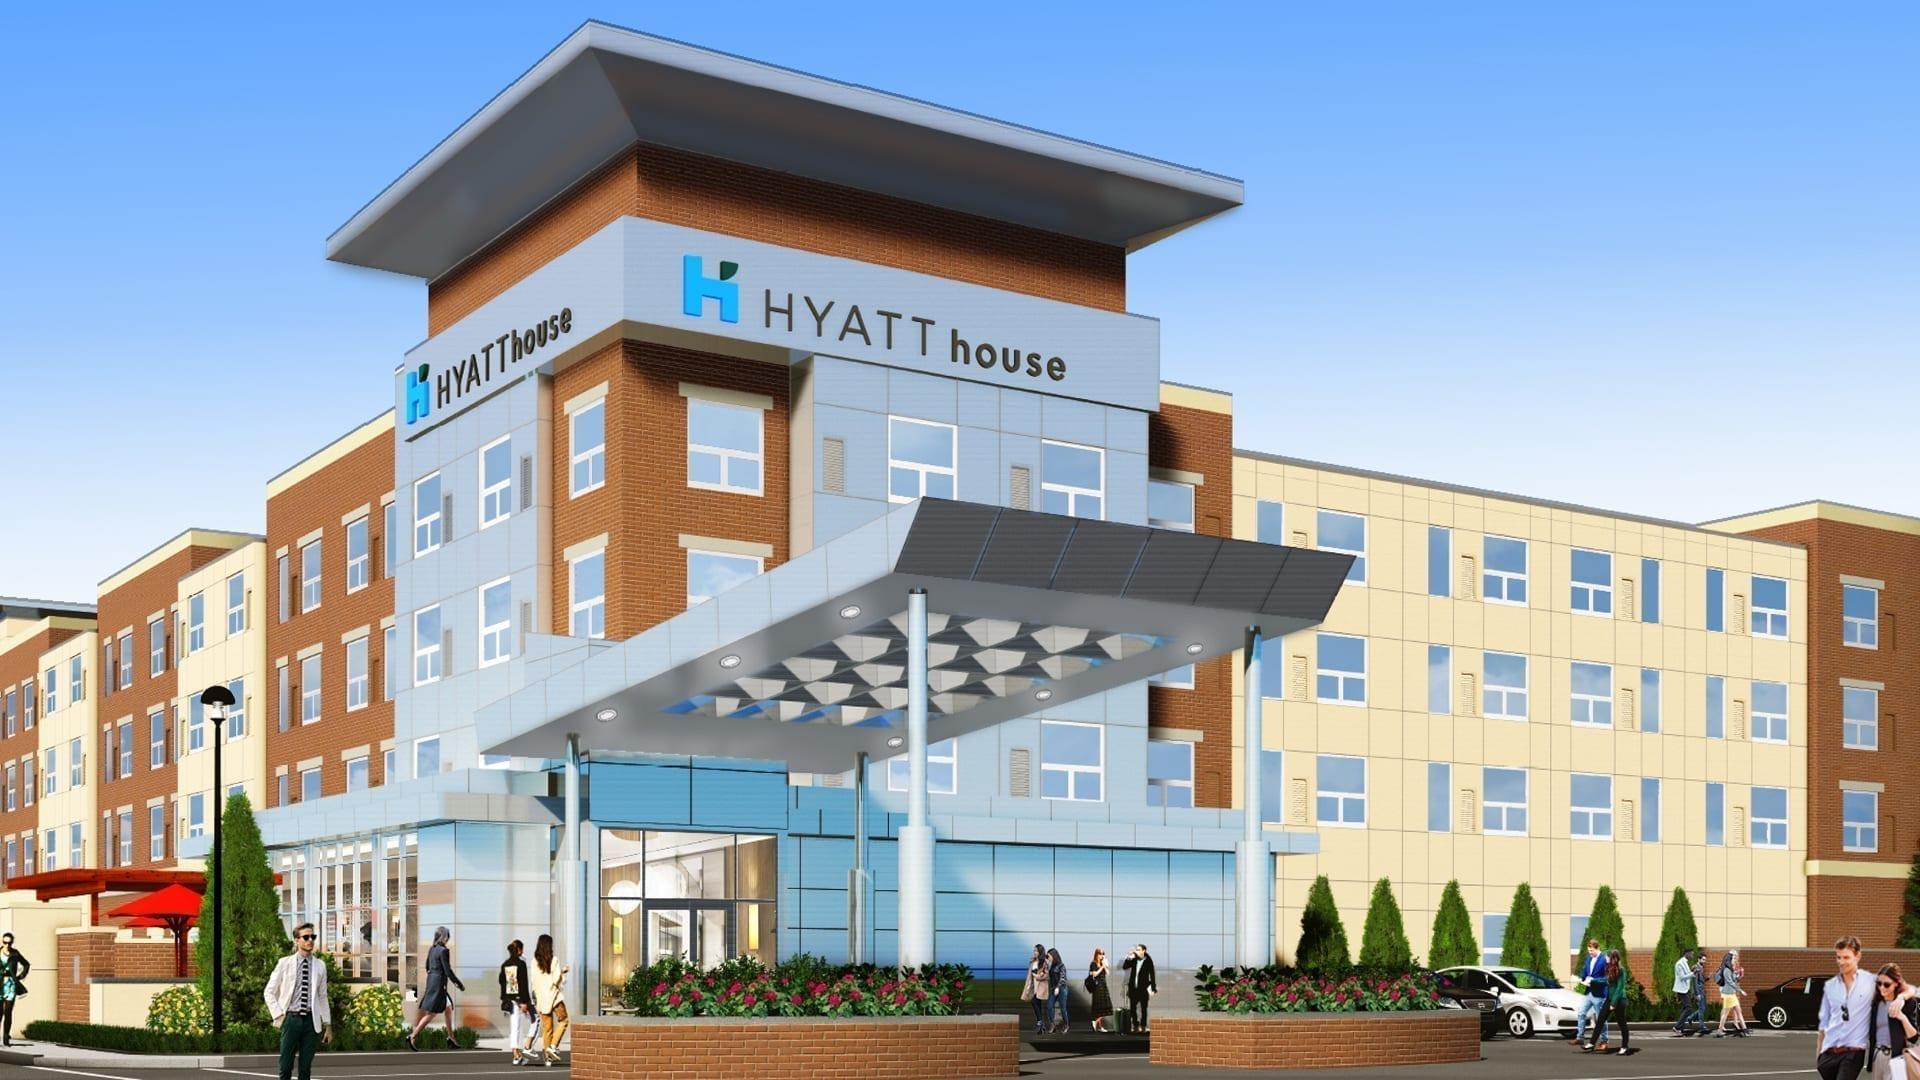 Hyatt House Hillsboro